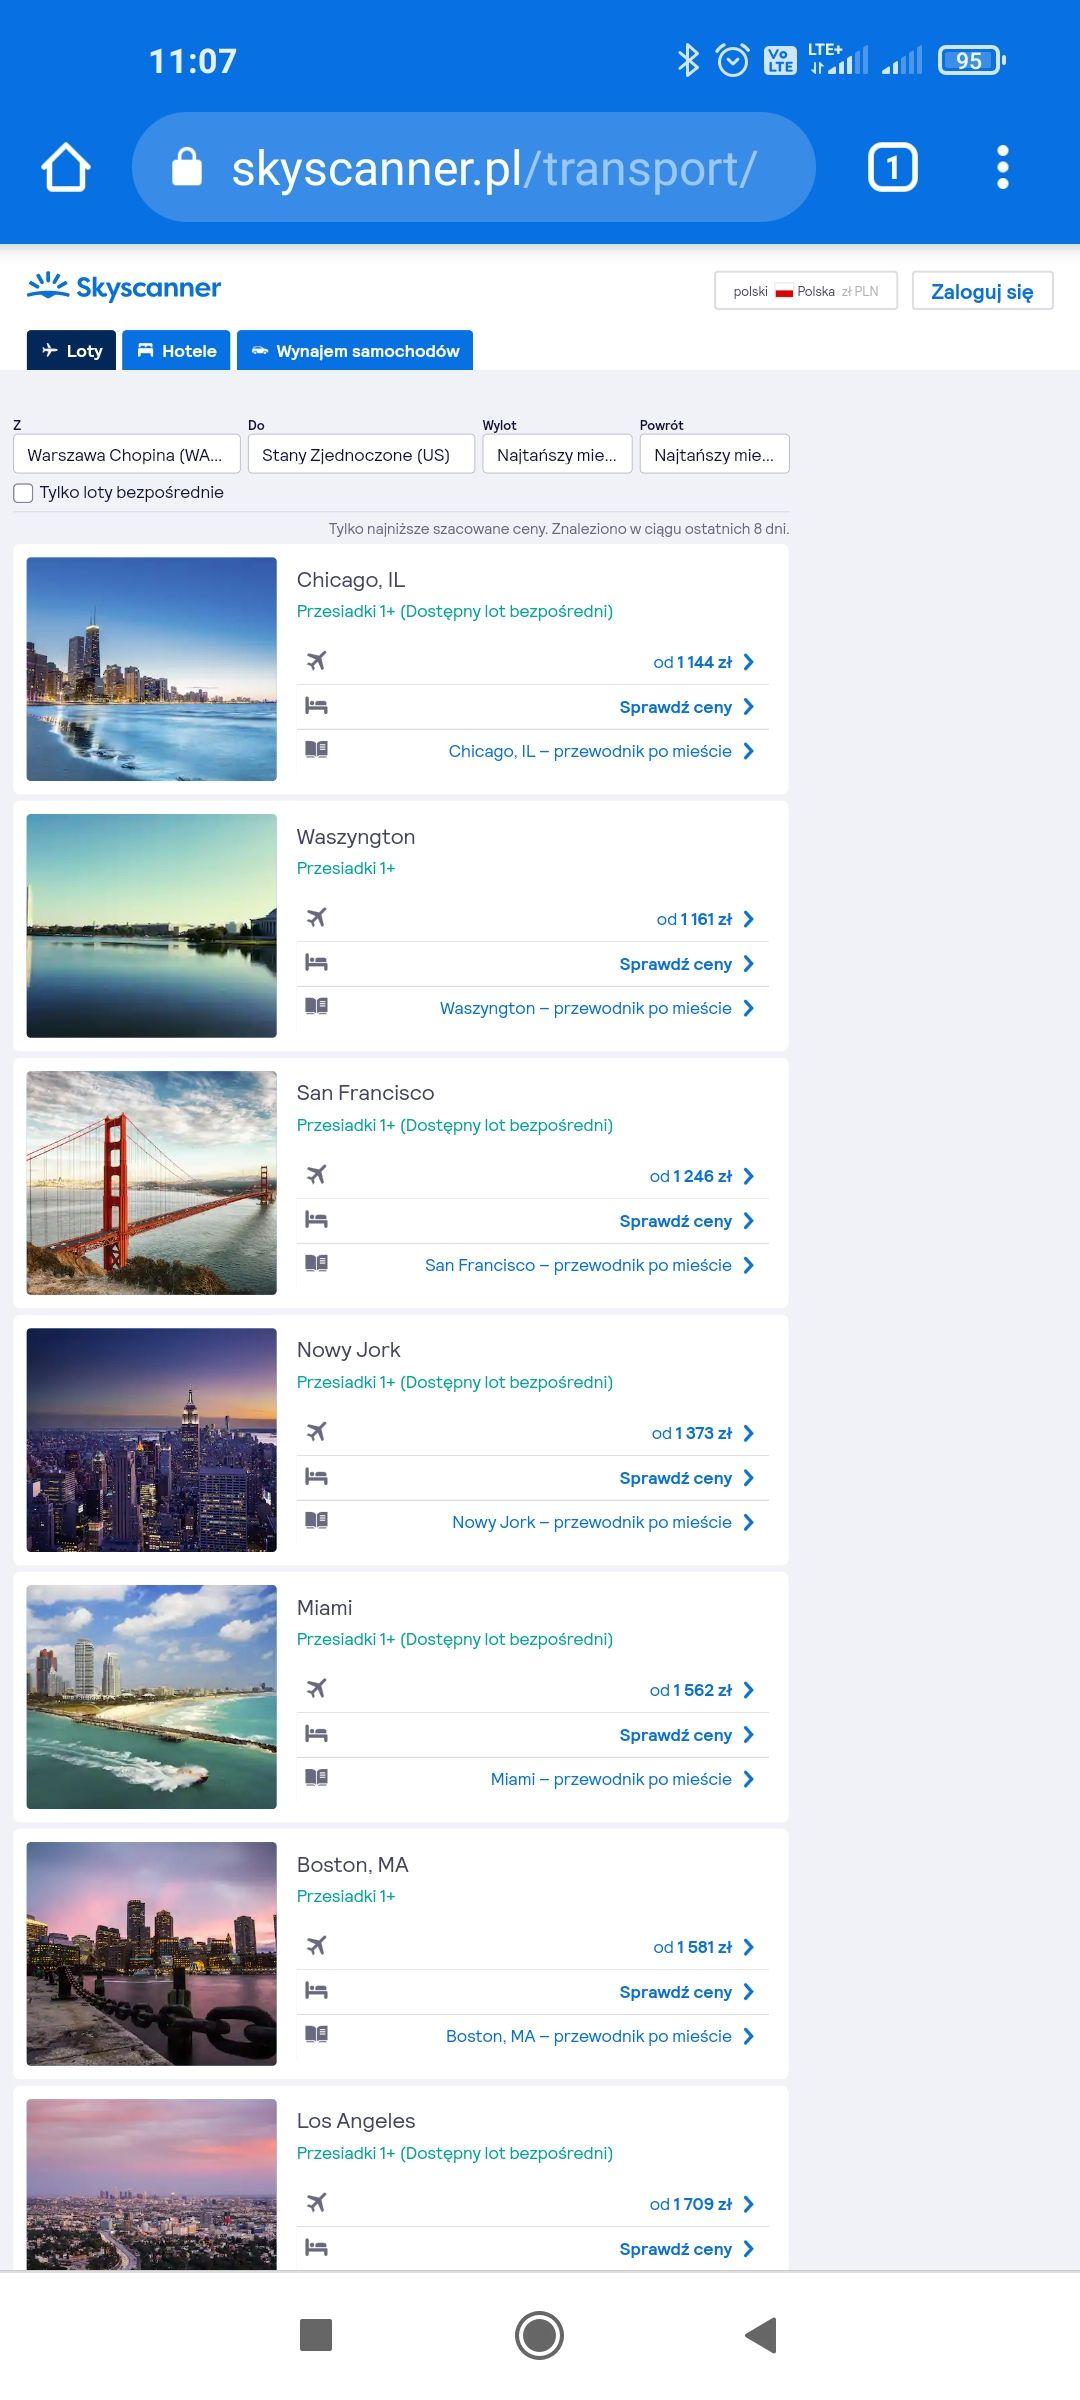 Tanie loty do USA z Warszawy i innych miast do Chicago,Waszyngton ,San Francisco od 1100-1200 zl w dwie strony. Od Maja do Września